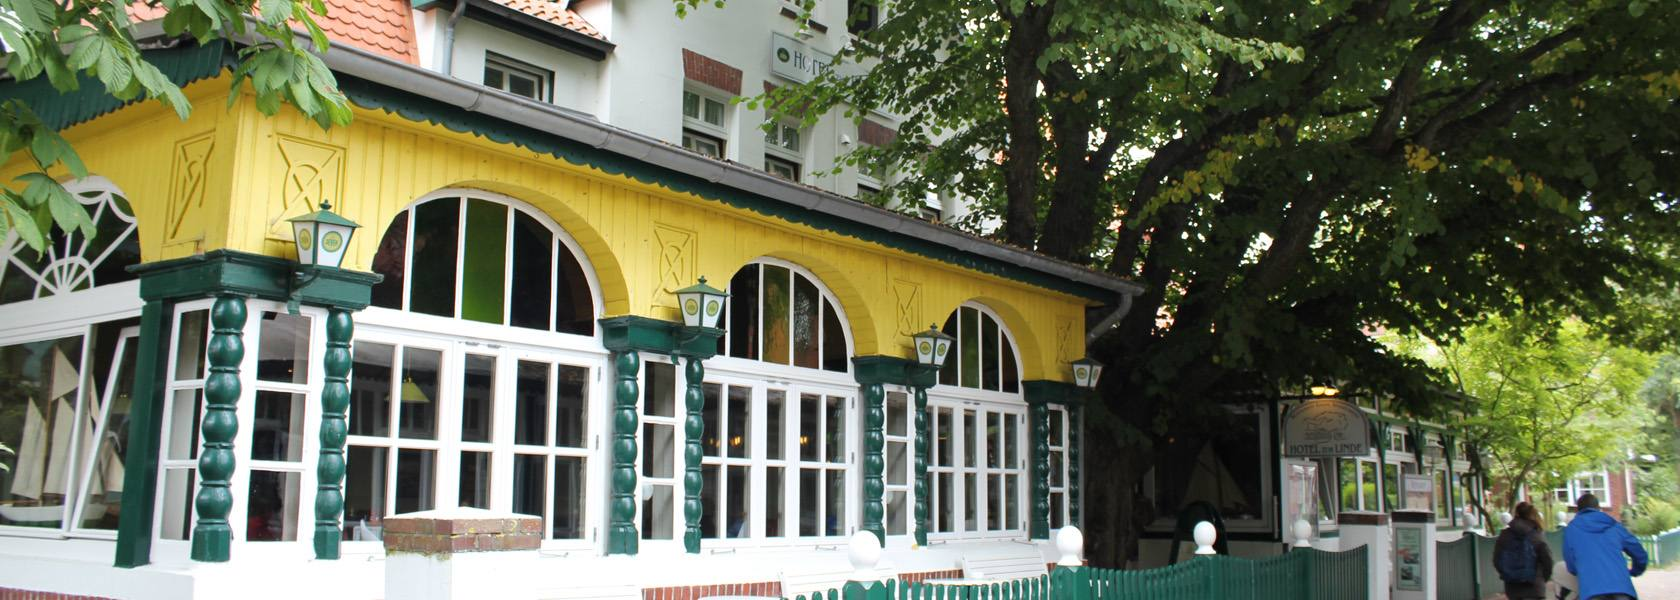 Hotel Spiekeroog, © Die Nordsee GmbH, Katja Benke